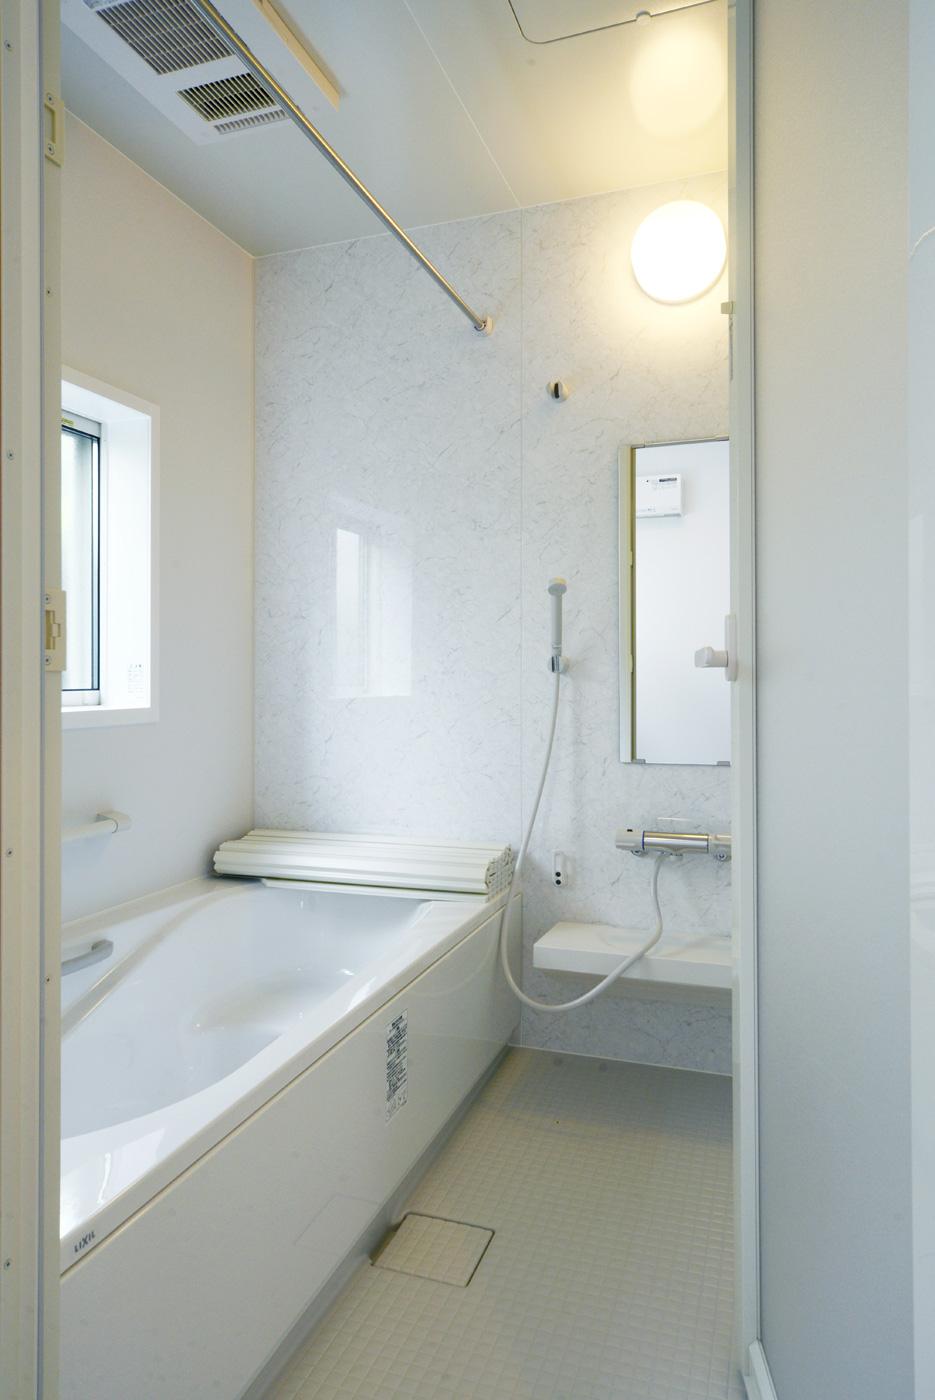 システムバス:浴室暖房乾燥機付きで洗面室までポカポカあったかおフロです。